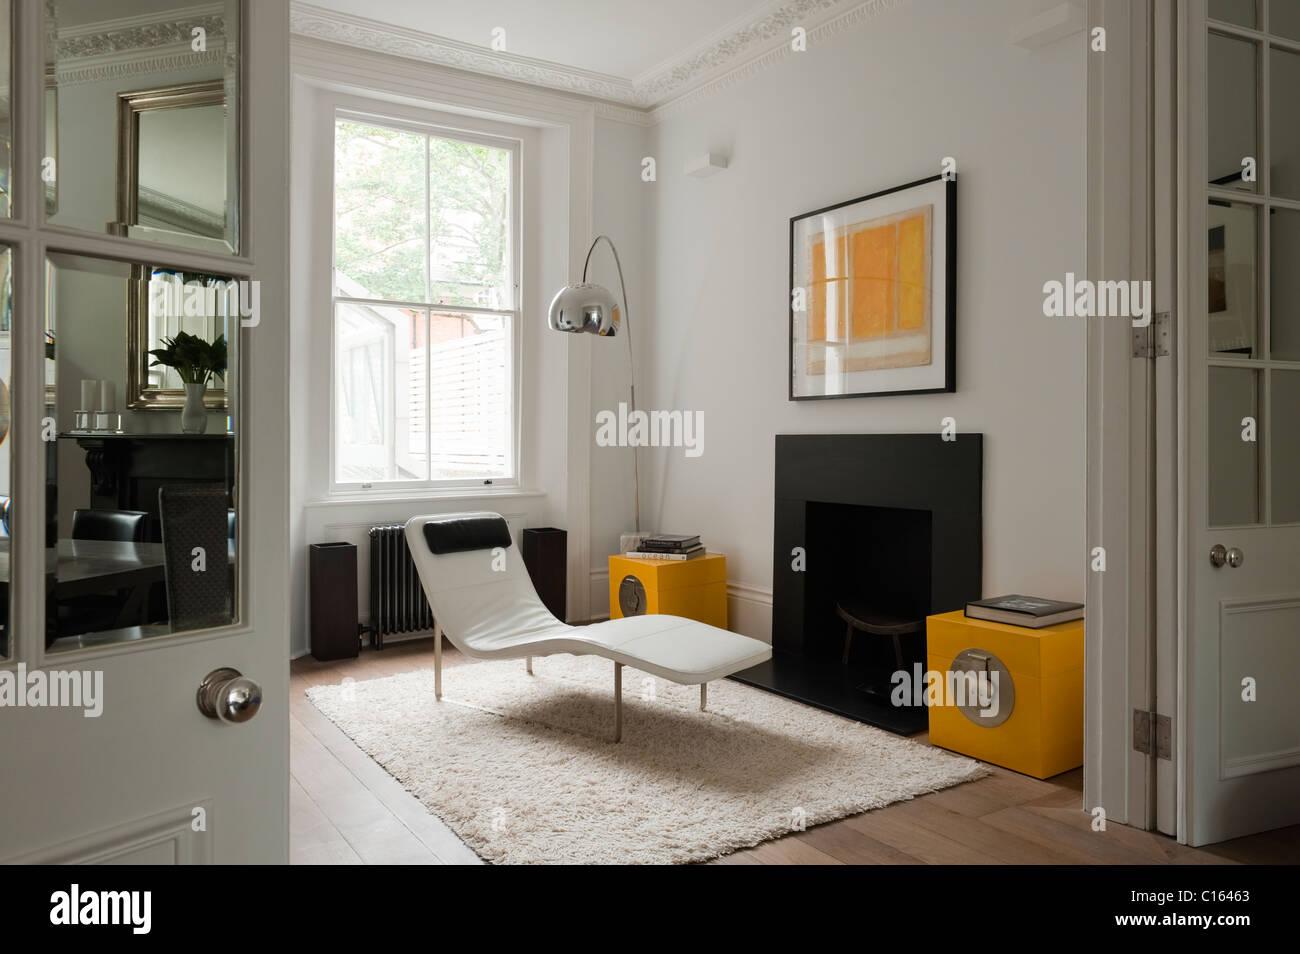 Sdraio e di arco lampada in camera con accento giallo nel XIX secolo Kensington home Immagini Stock